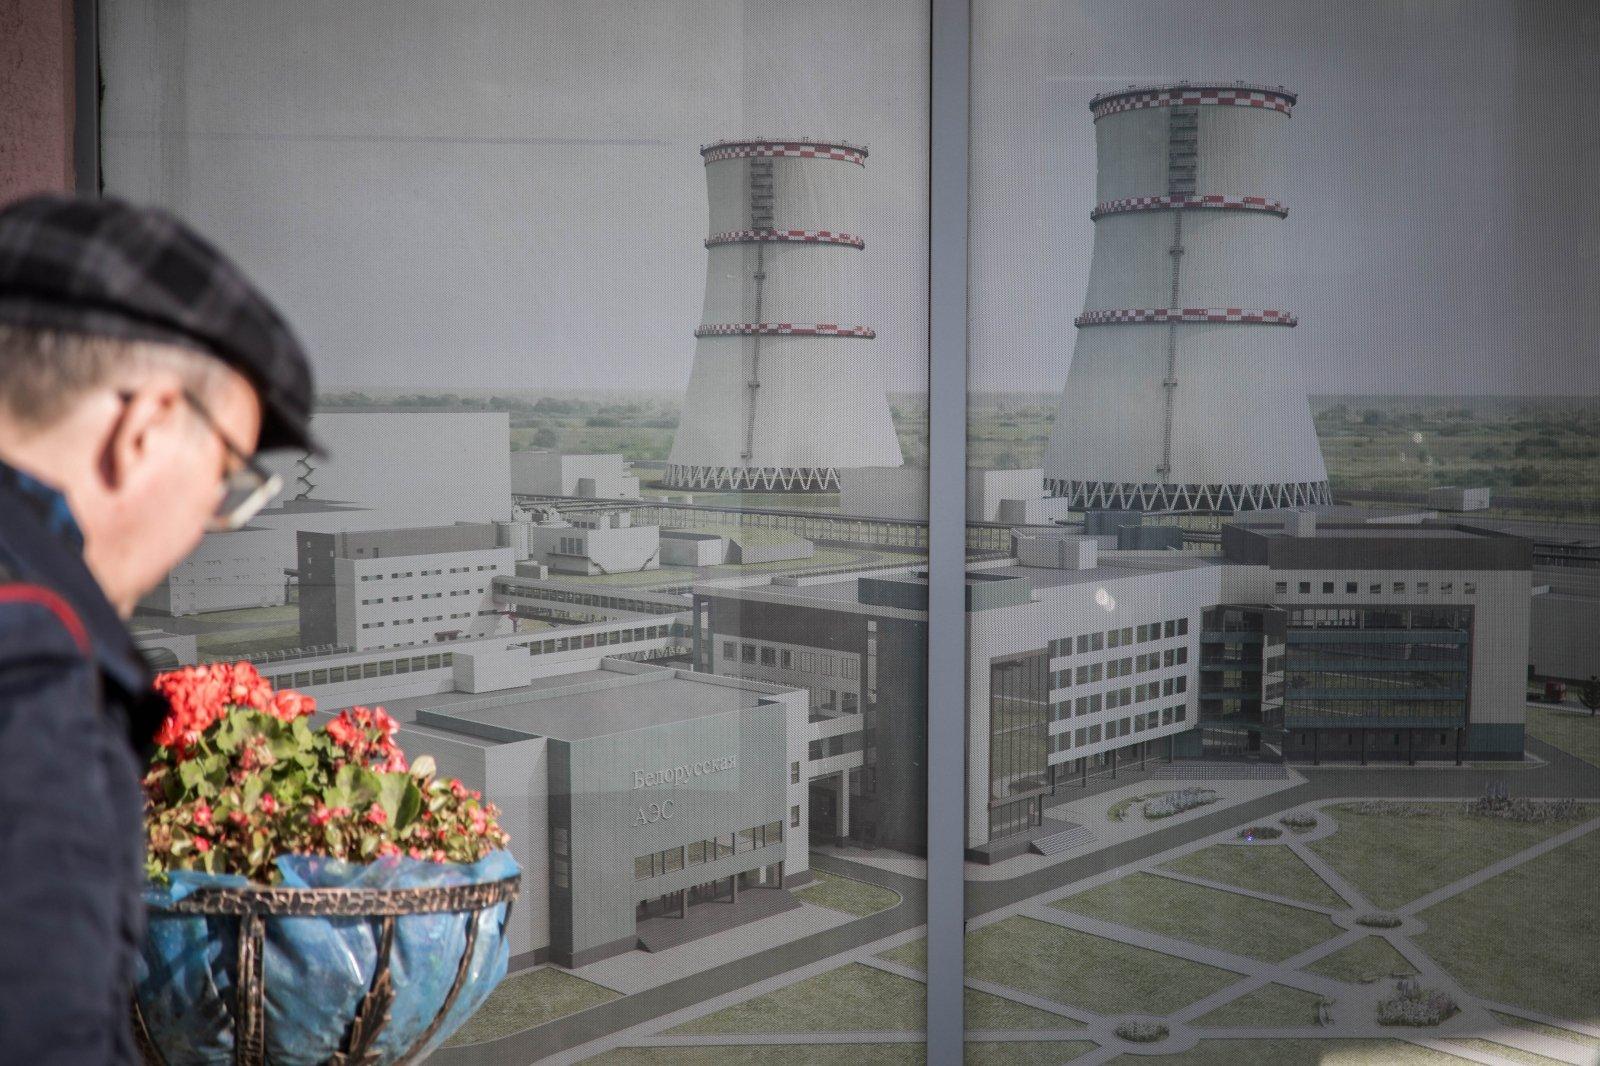 НаБелАЭС начата загрузка ядерного топлива вреактор первого энергоблока